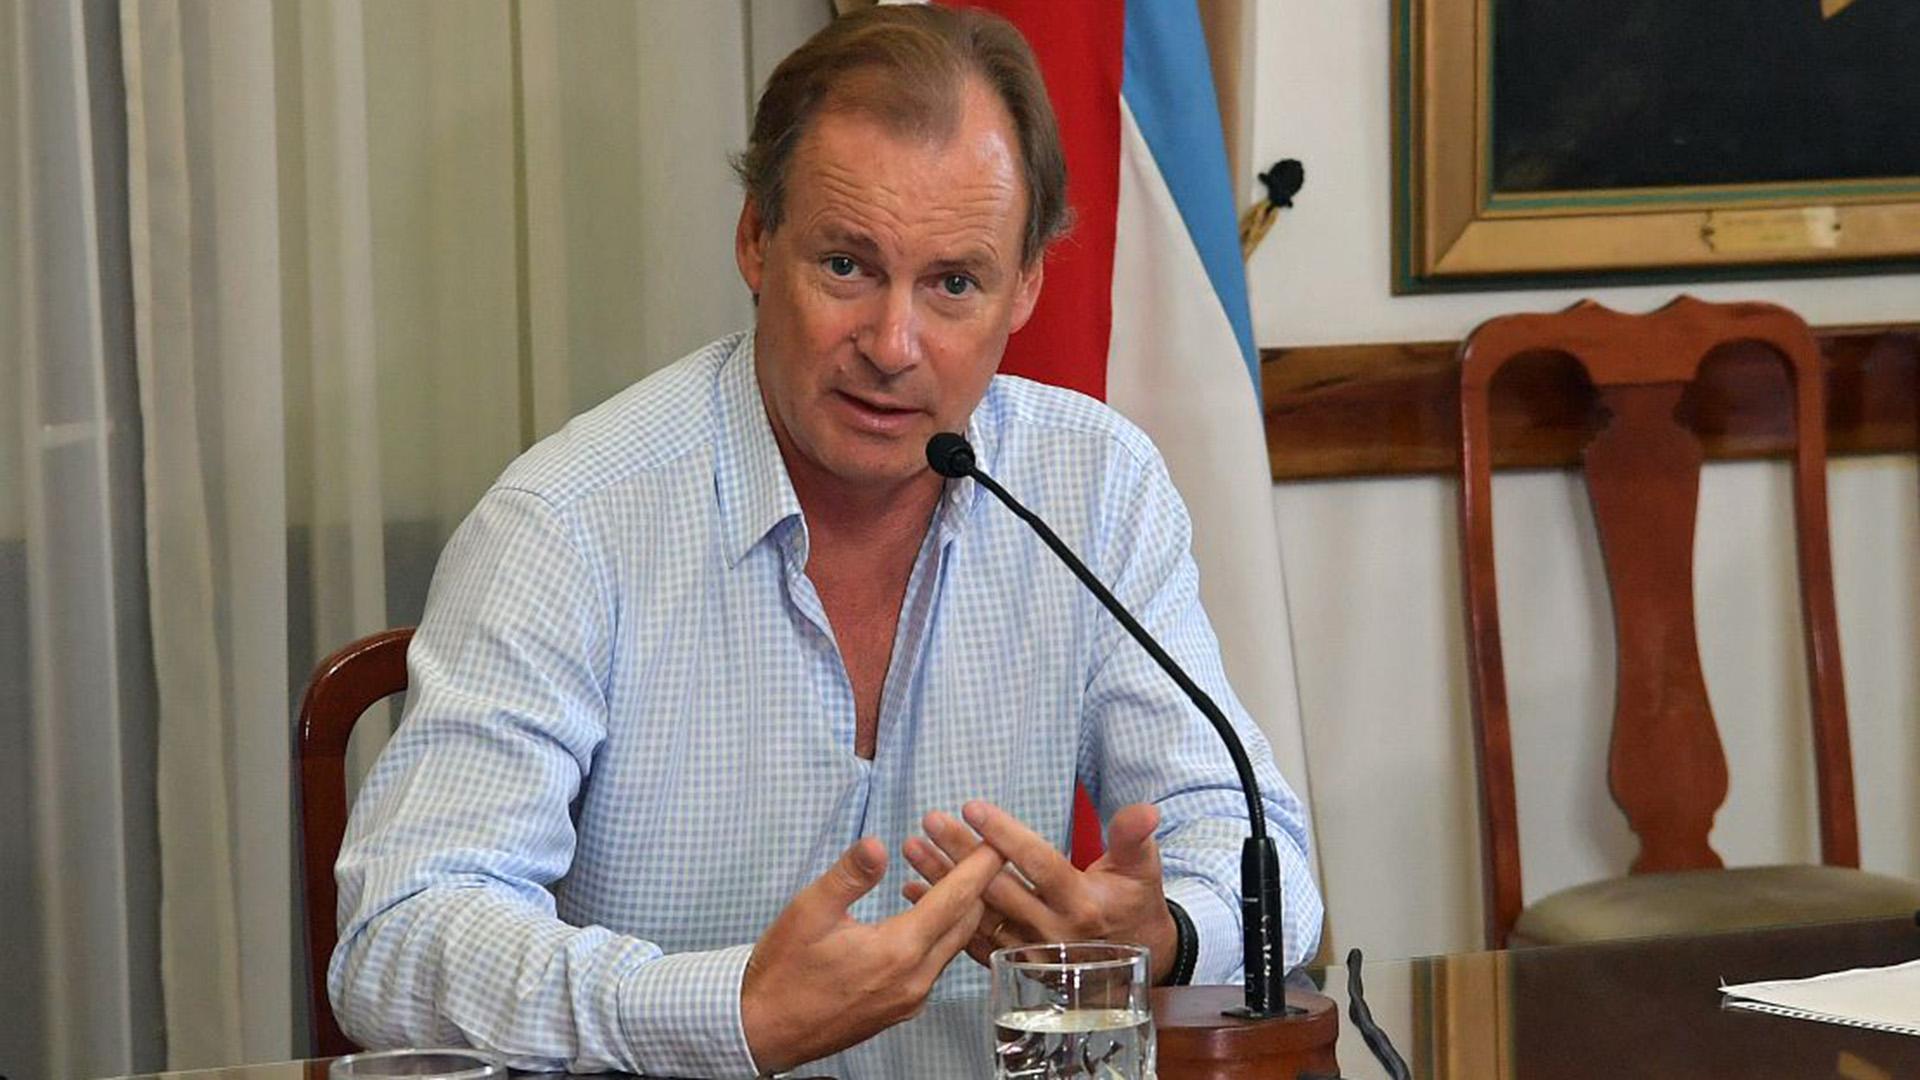 El gobernador de Entre Ríos, Gustavo Bordet, respaldó el decreto del gobierno